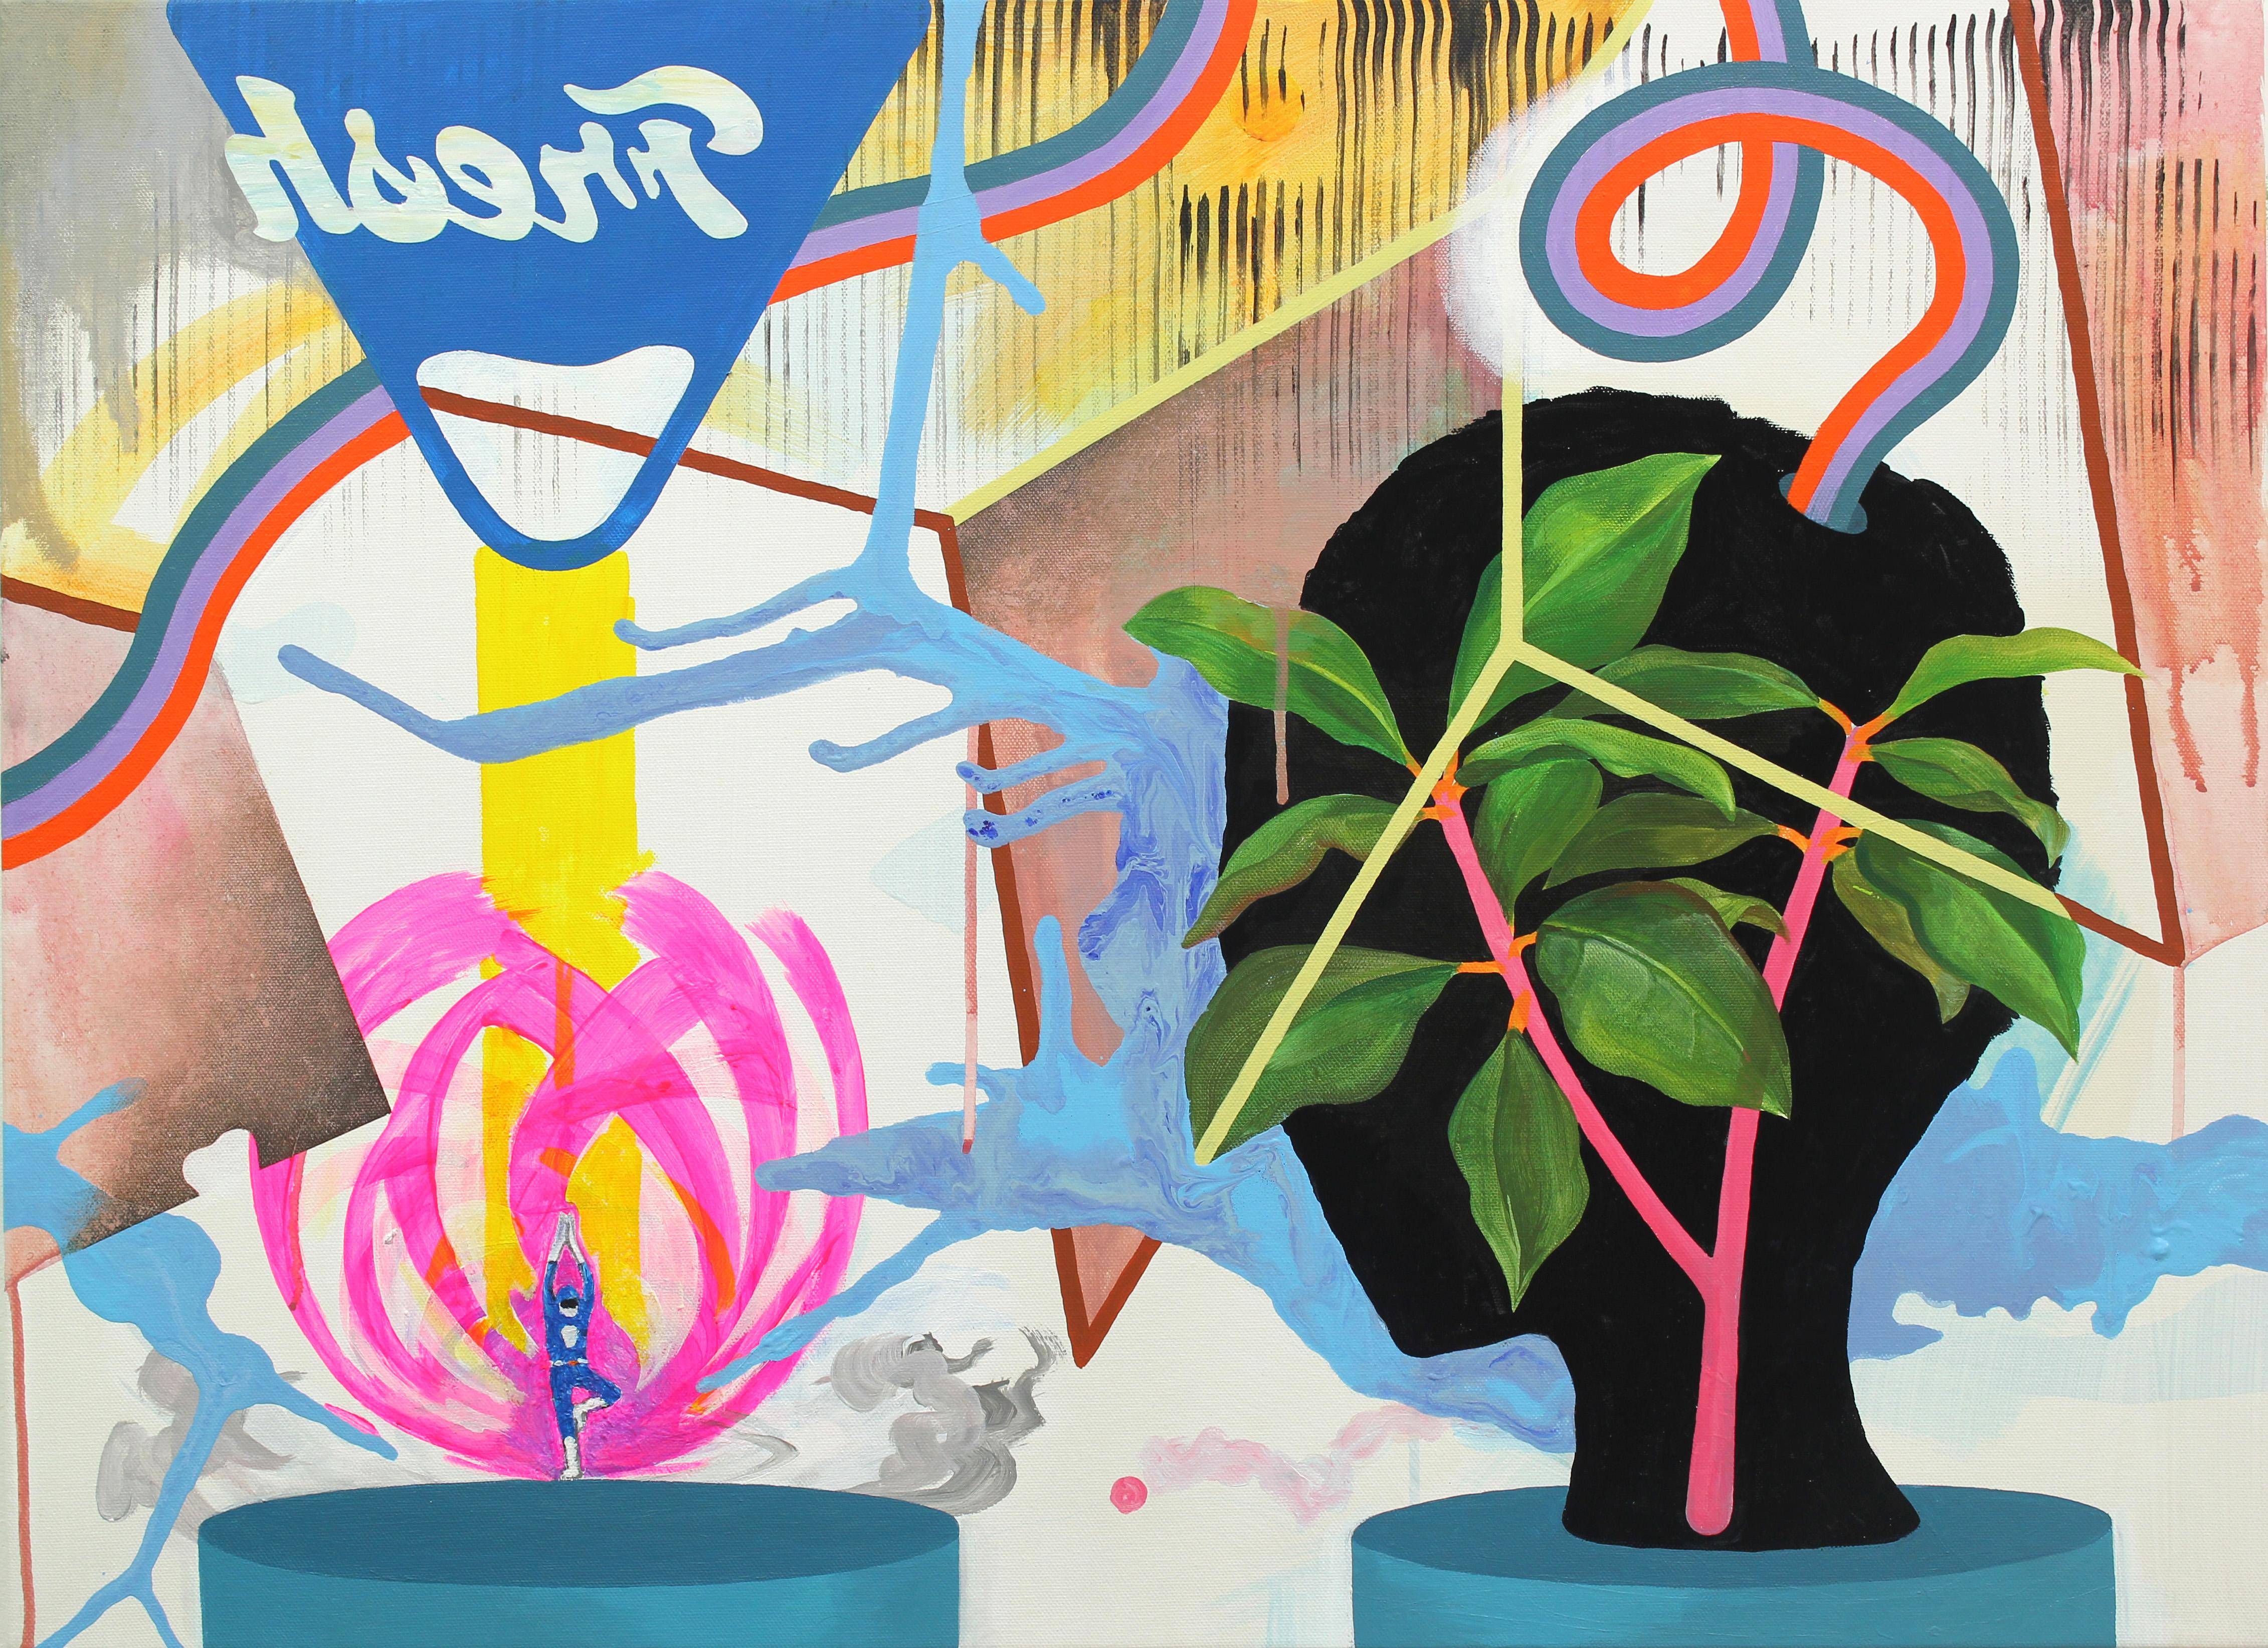 Seeding_acrylic on canvas_53 x 73cm_2014